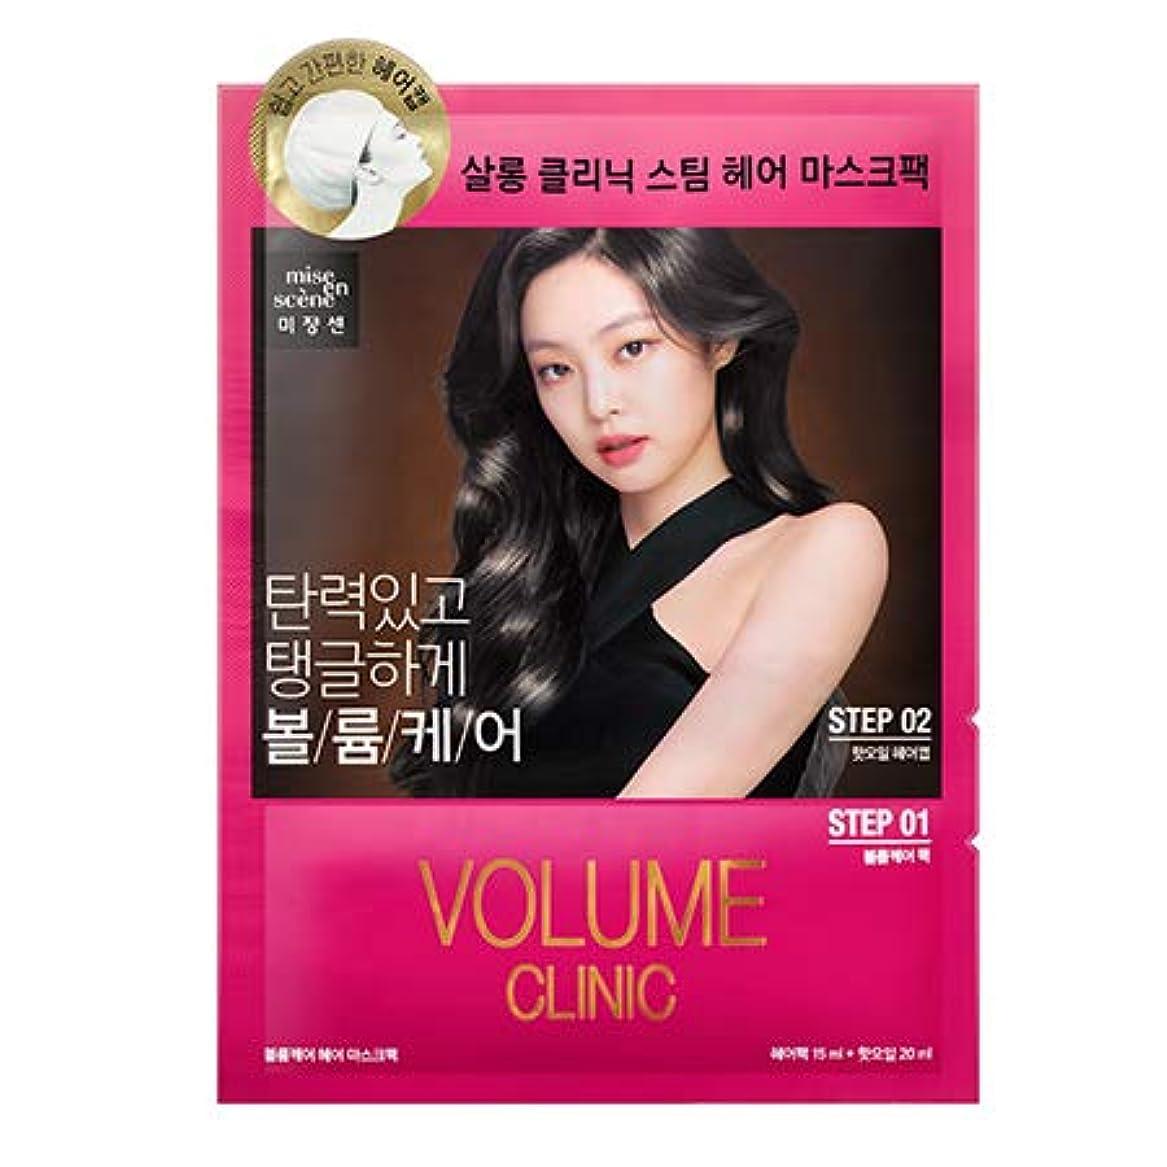 オートマトン悪用魅力的[ミジャンセン.miseenscene]ヘアケアスチームヘアマスクパック/hair Care Steam Hair Mask Pack(15ml×3ea)一人でも自宅で簡単に手軽に!スチームヘアマスクパックでサロンクリニック...